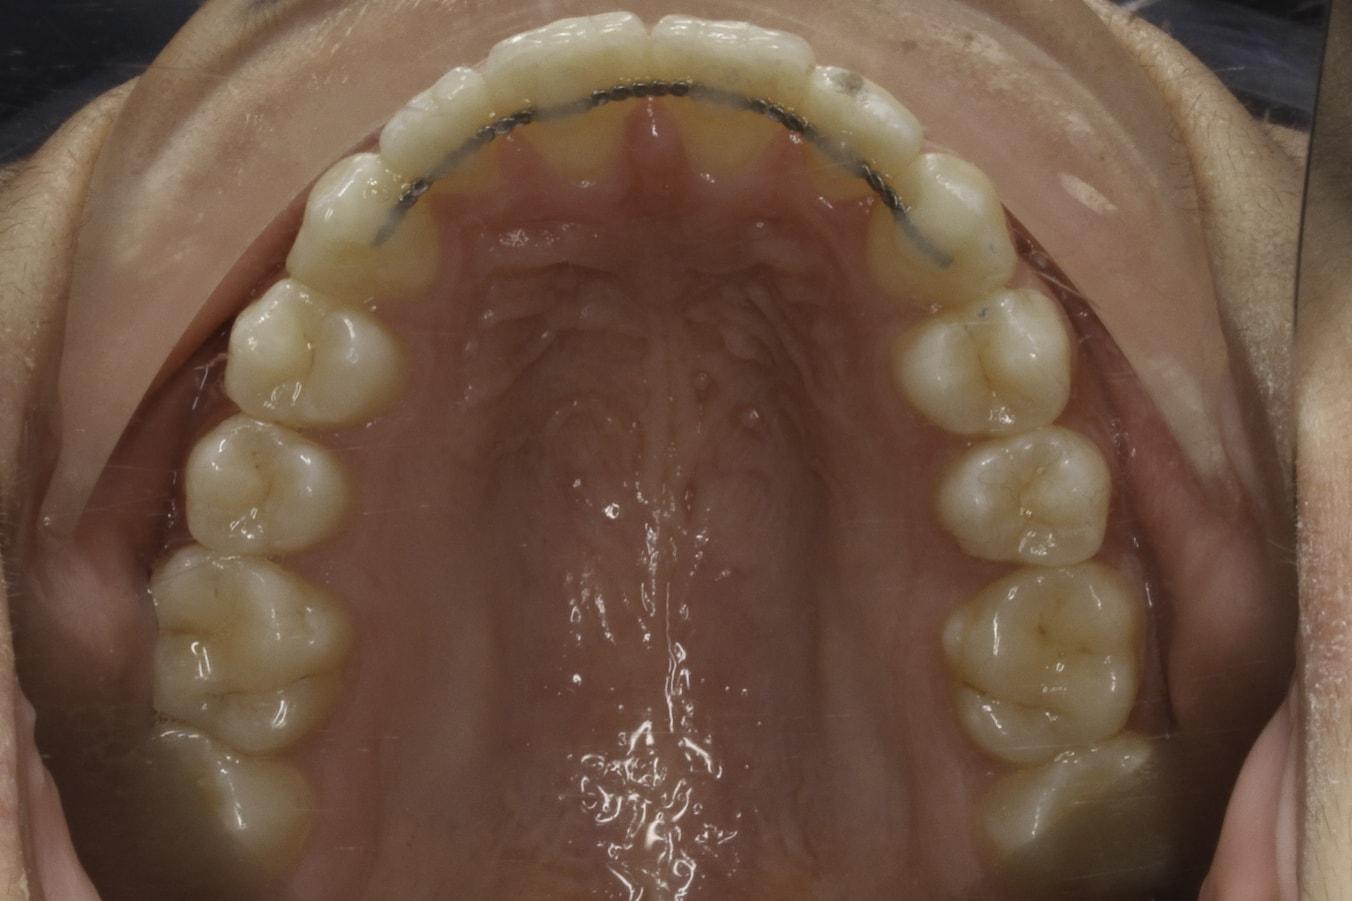 imbalance teeth 4 after